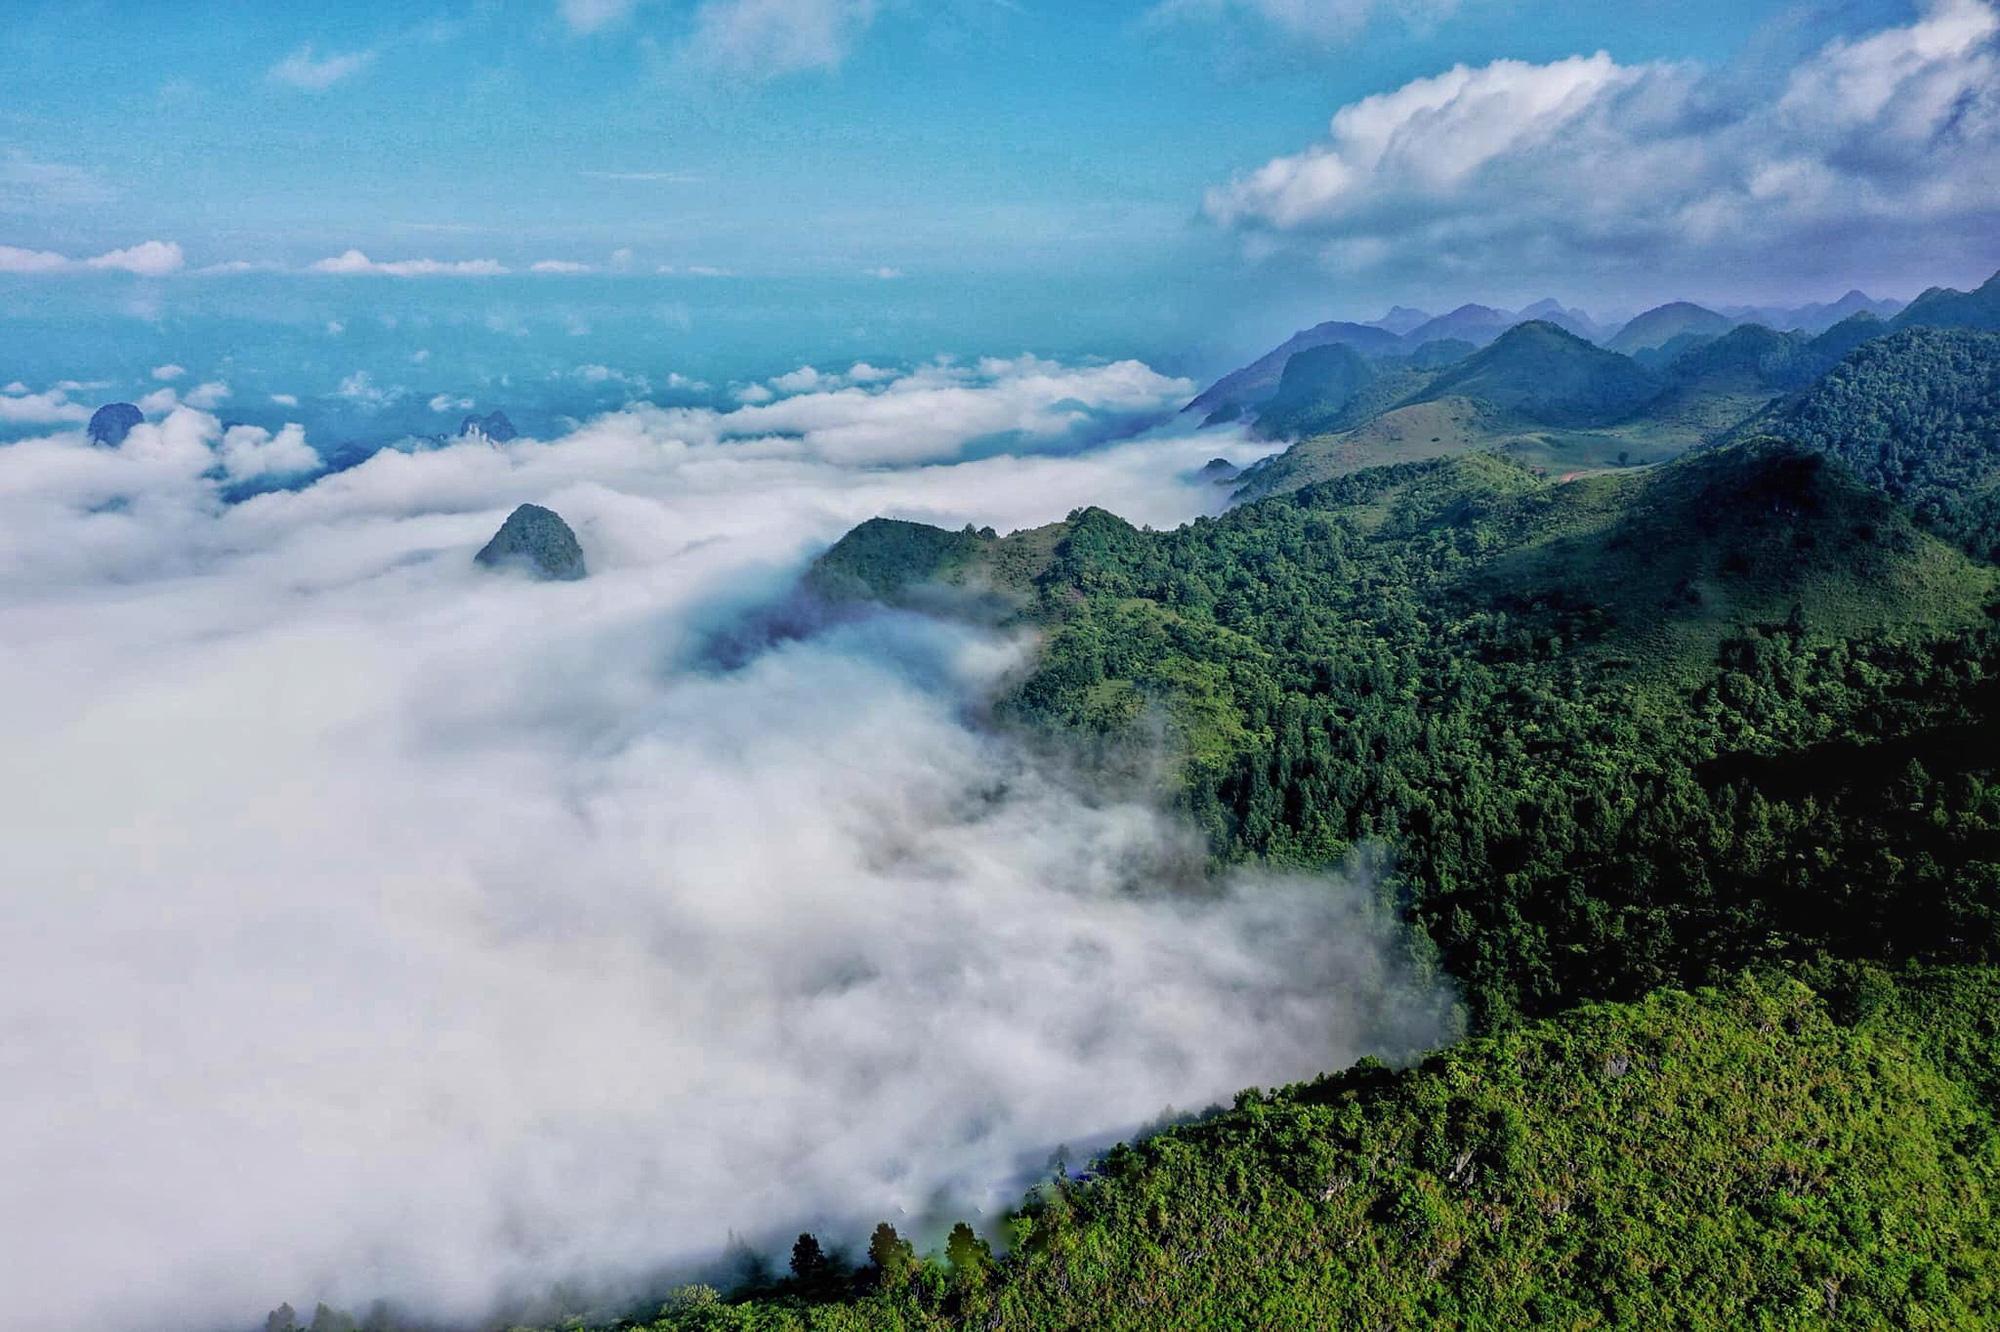 """Cao Bằng: Ở nơi này núi cỏ xanh rì, nằm xuống tha hồ ngắm """"thiên đường mây trắng"""" - Ảnh 3."""